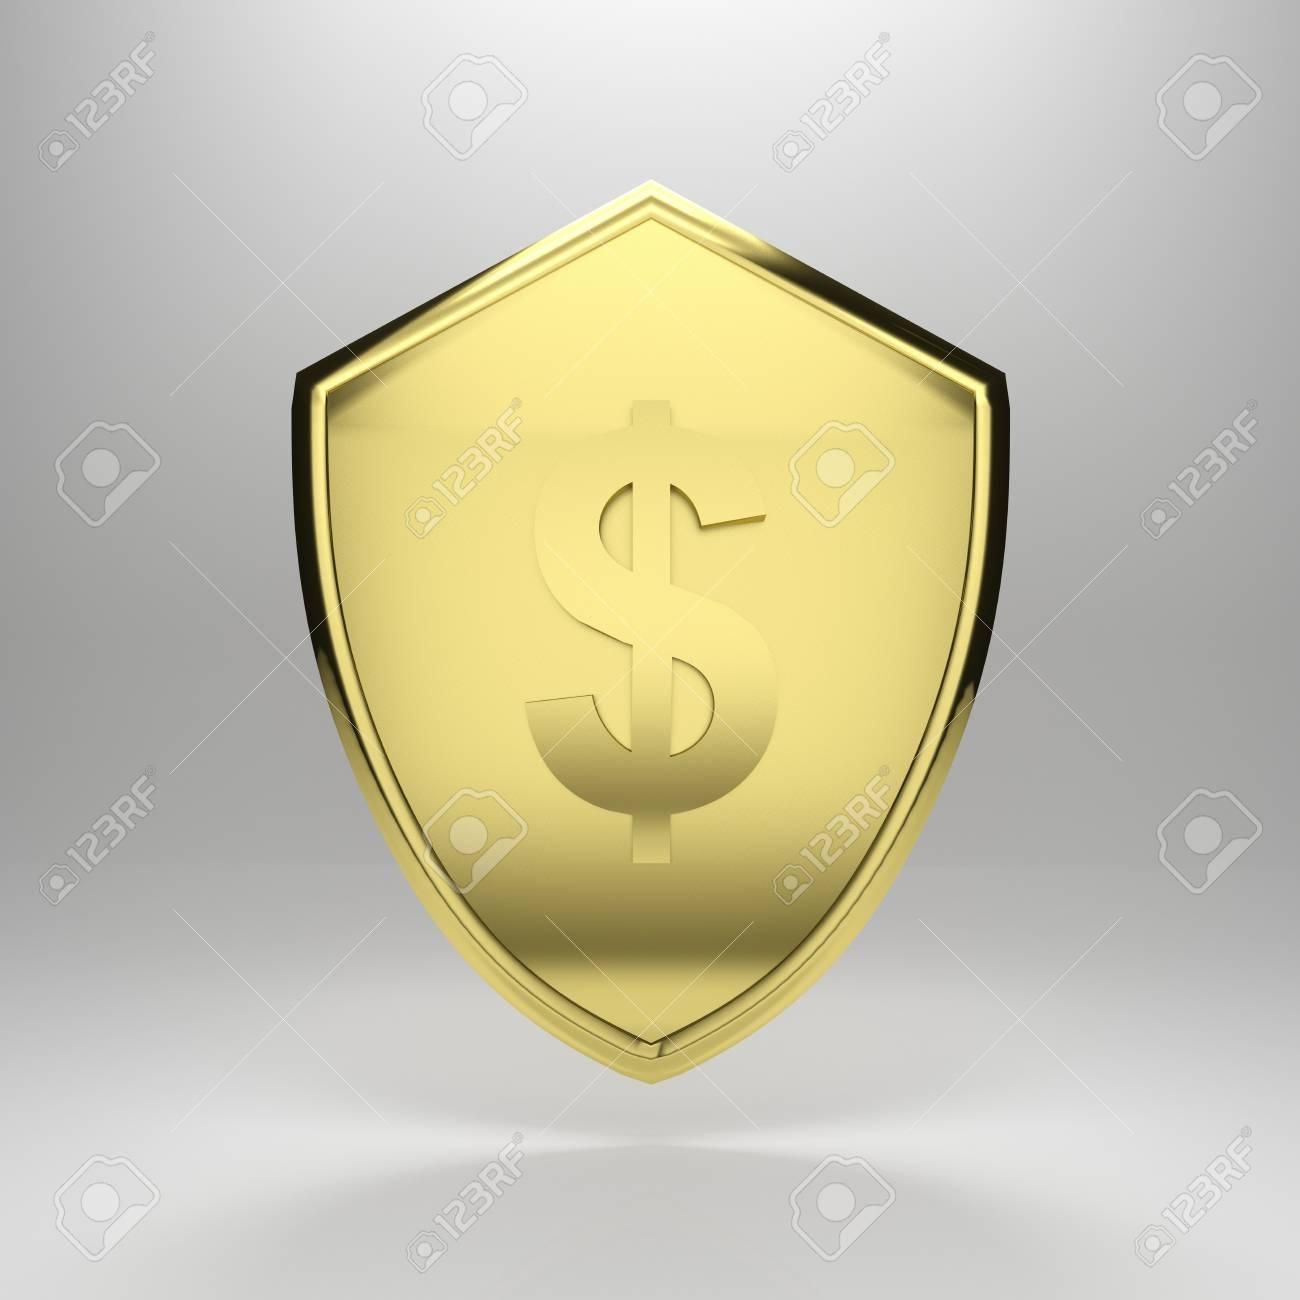 3d render illustration of a golden dollar shield. Stock Illustration - 17311771